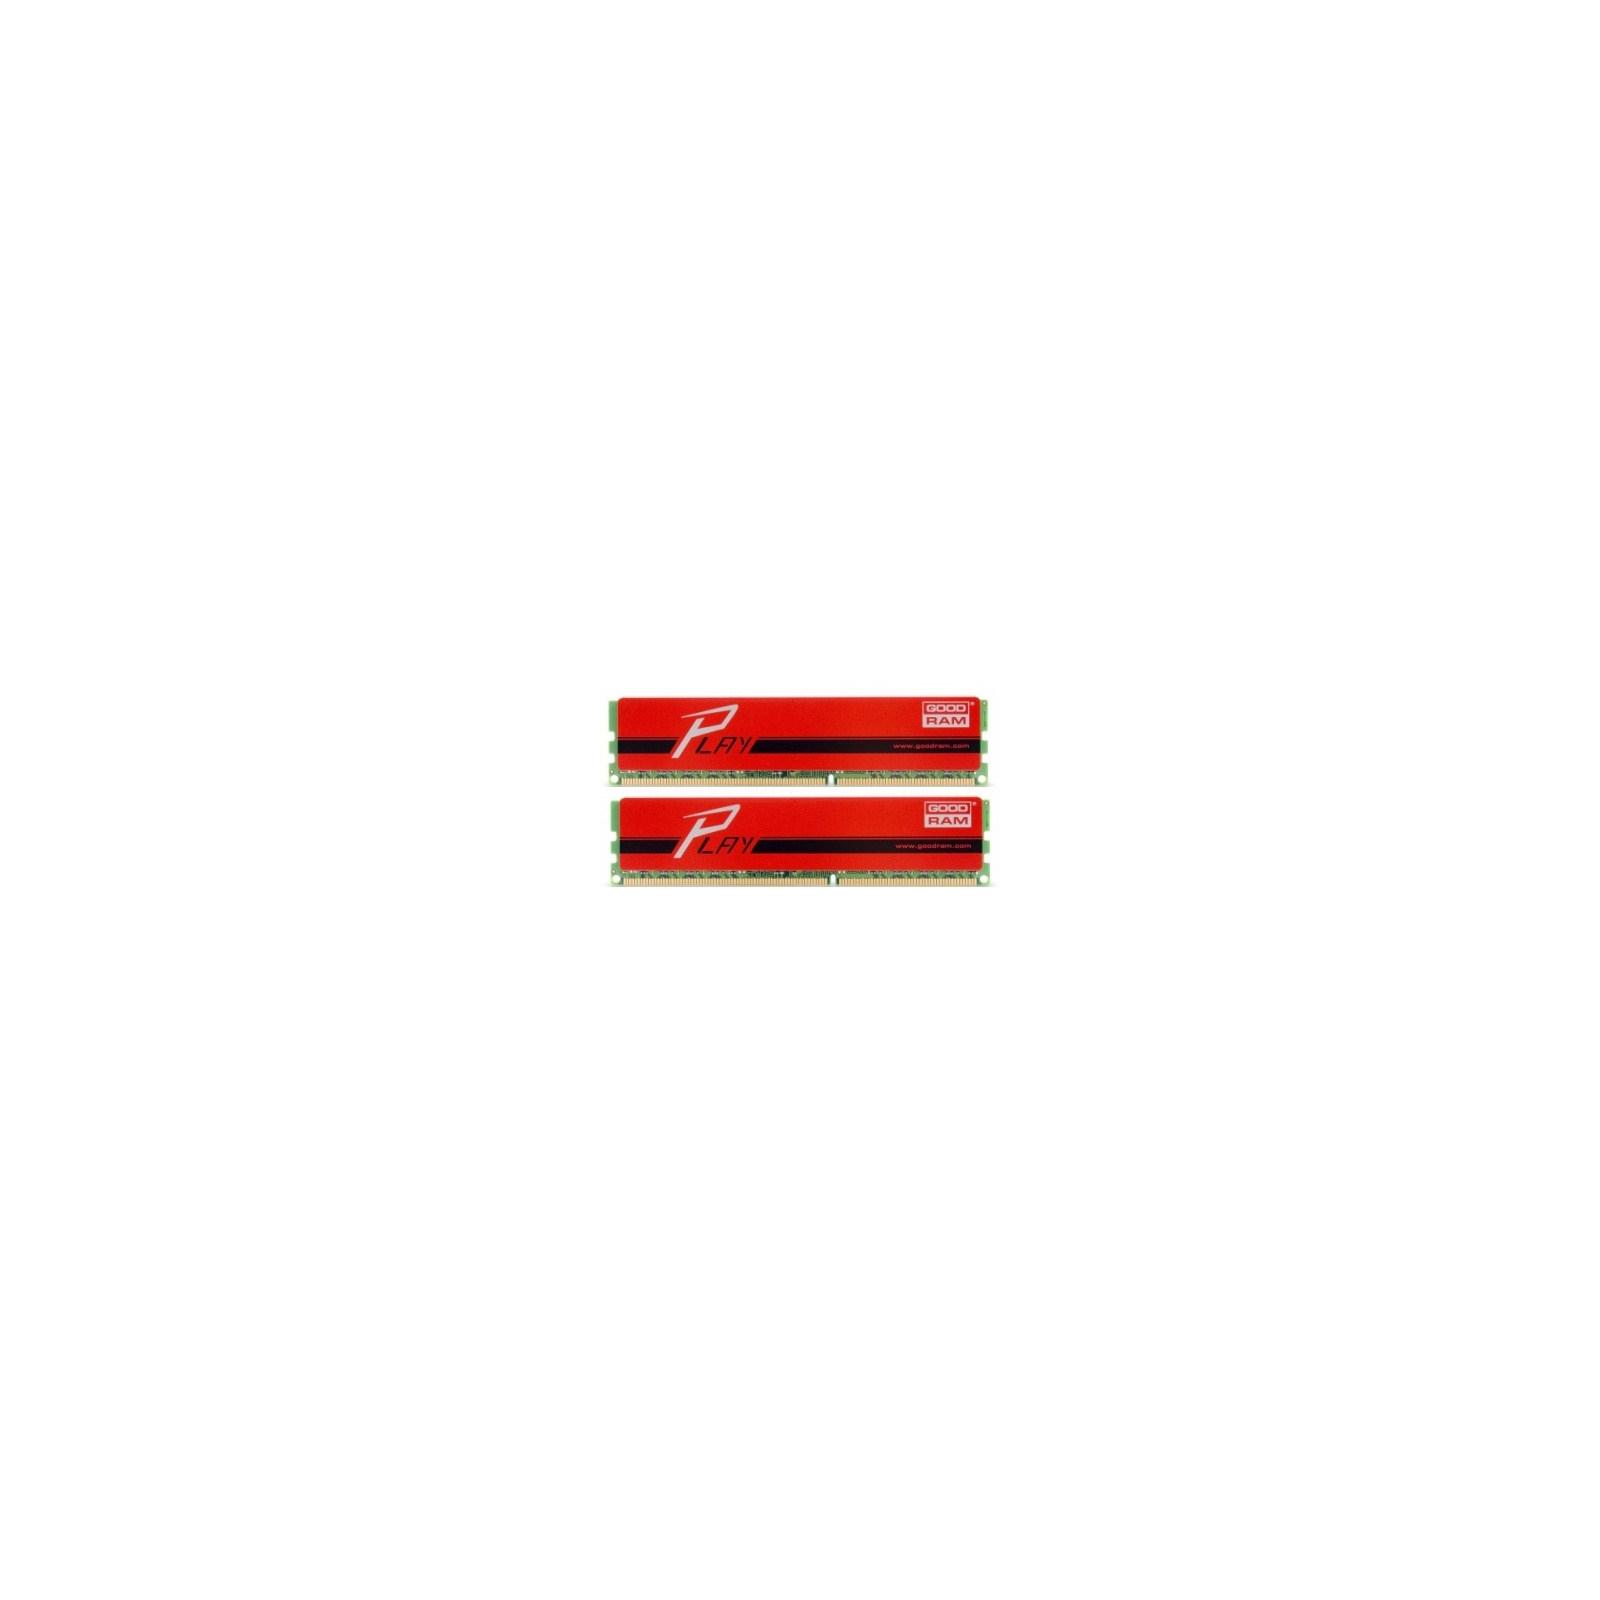 Модуль памяти для компьютера DDR3 8GB (2x4GB) 1600 MHz GOODRAM (GYR1600D364L9/8GDC)